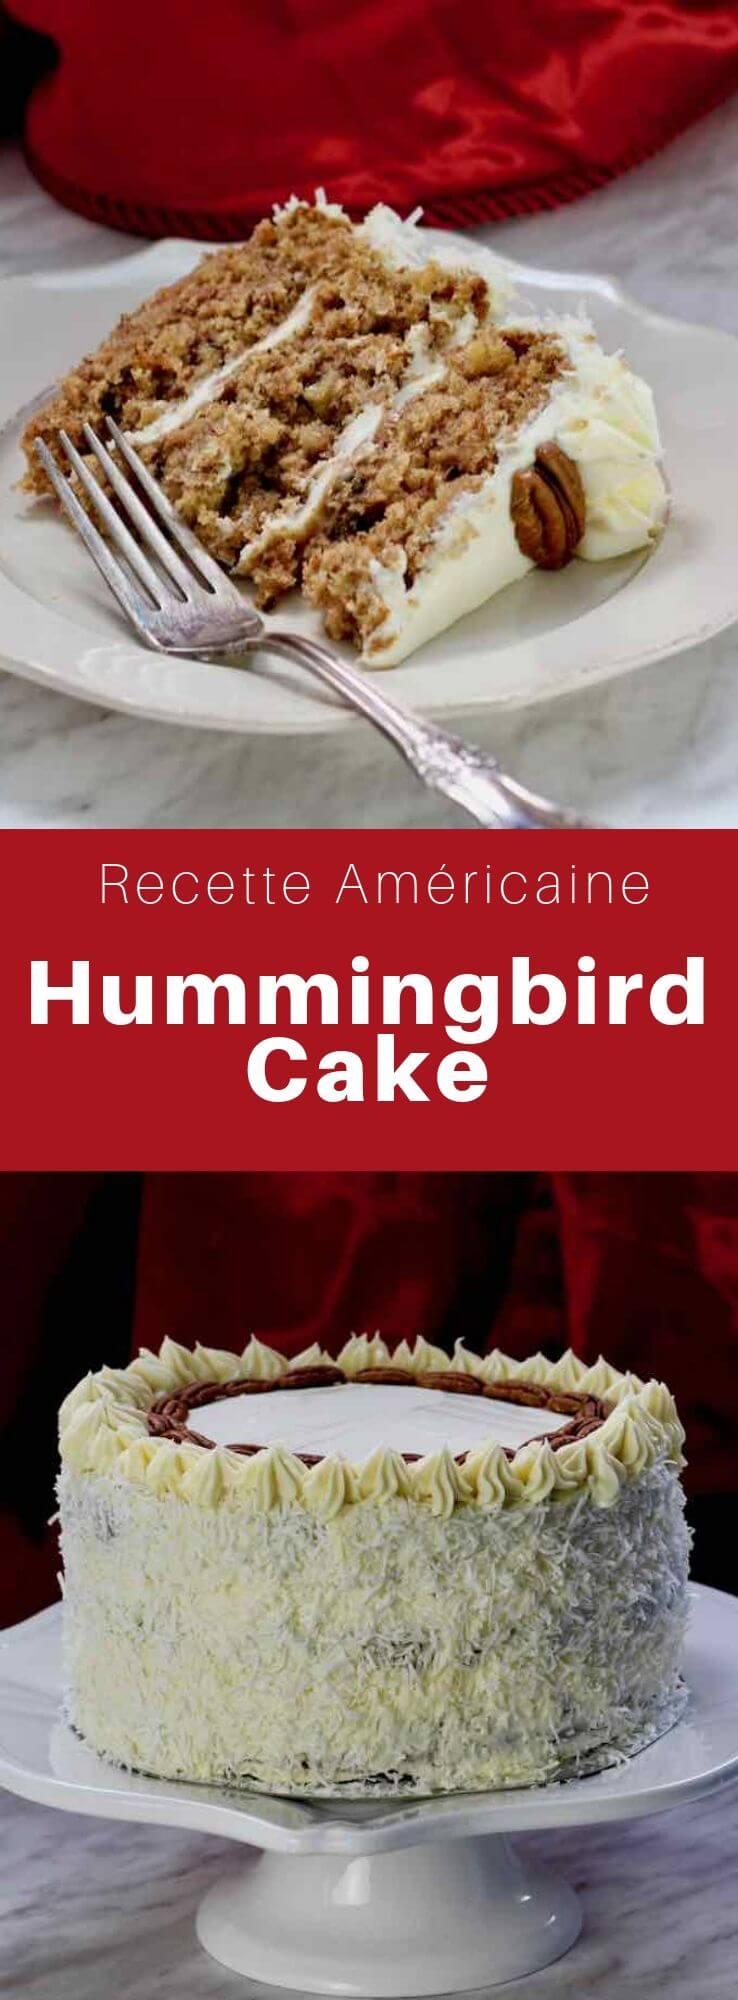 Le hummingbird cake est un gâteau du sud des États-Unis, d'origine jamaïcaine à base, entre autres, de banane, de citron, d'ananas, de noix de coco, de vanille, de noix de pécan et de cream cheese. #RecetteAmericaine #CuisineAmericaine #CuisineDuMonde #196flavors